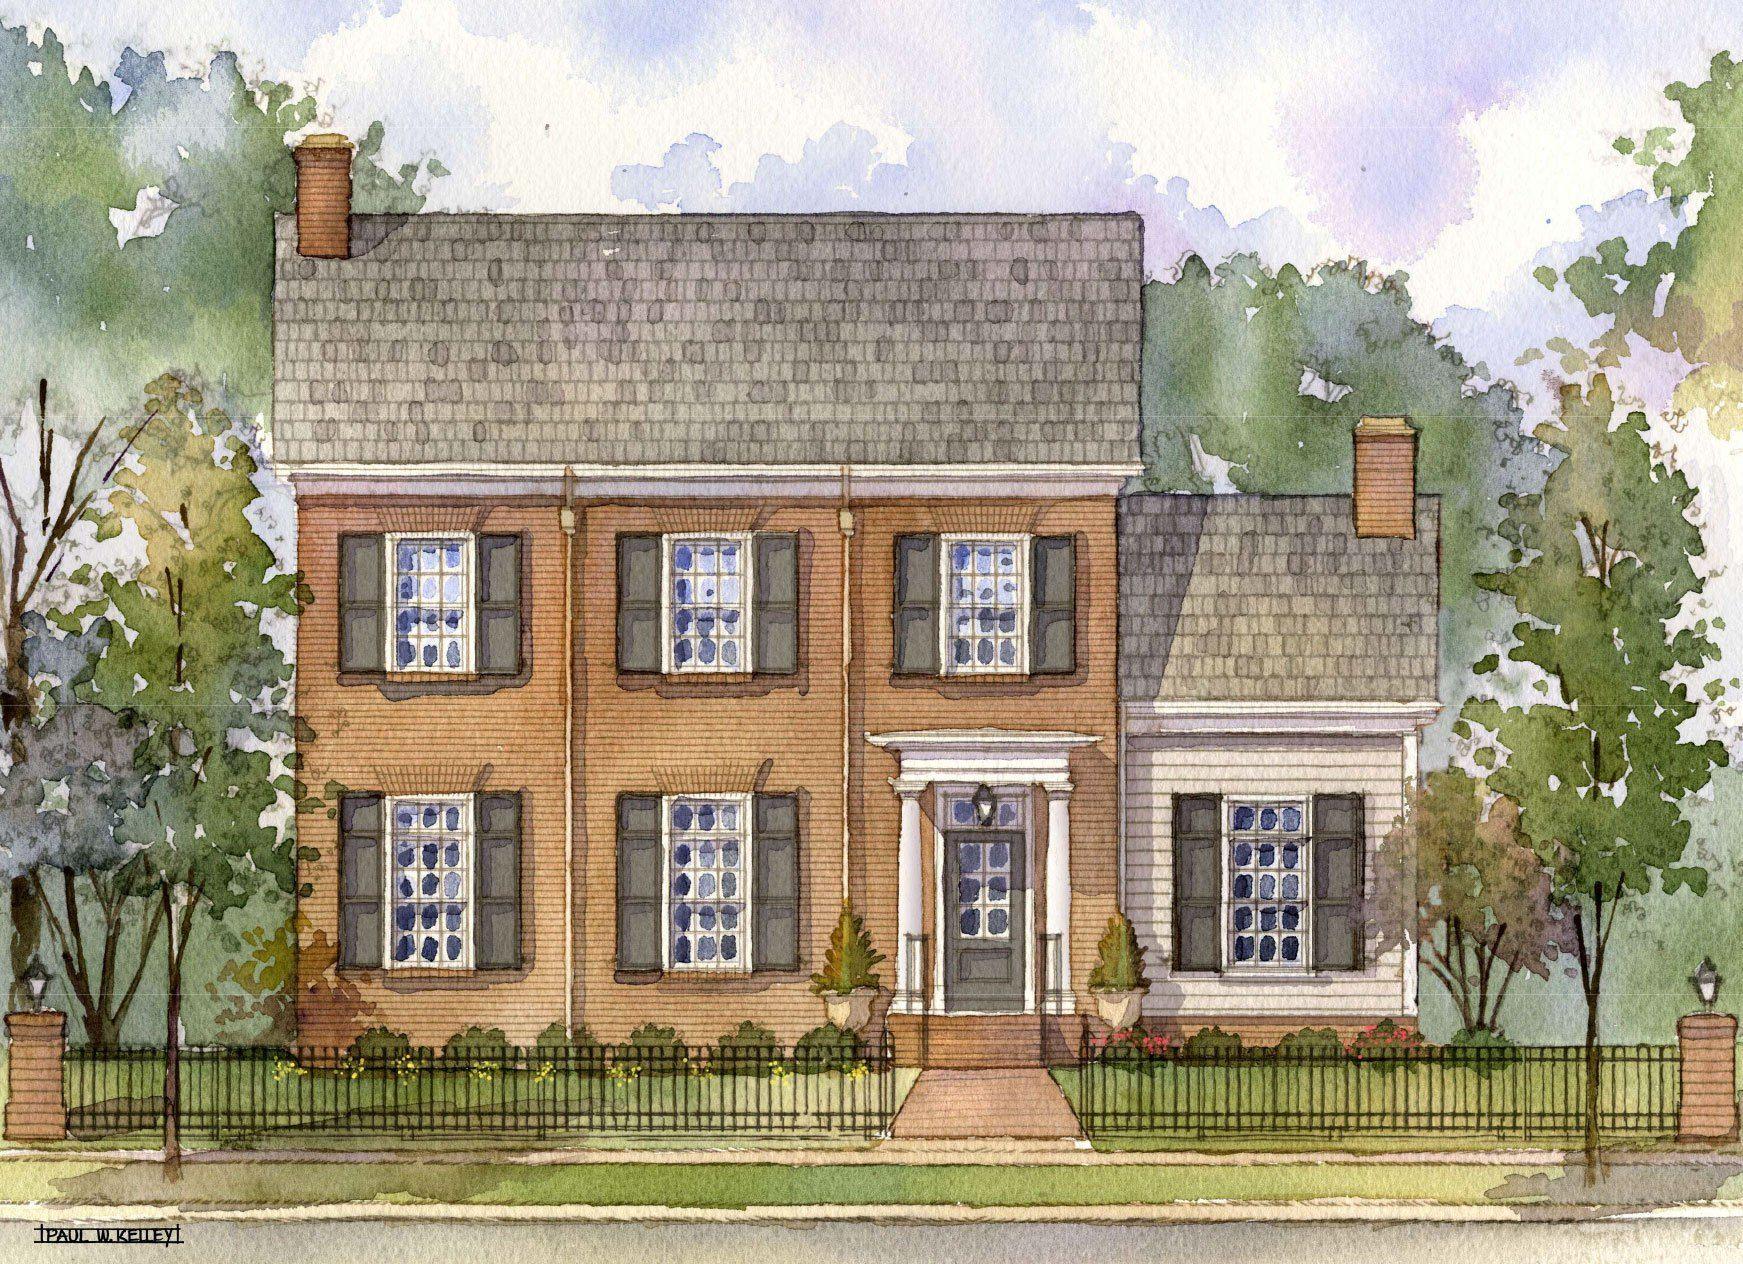 Trinity homes design center columbus ohio - Home decor ideas